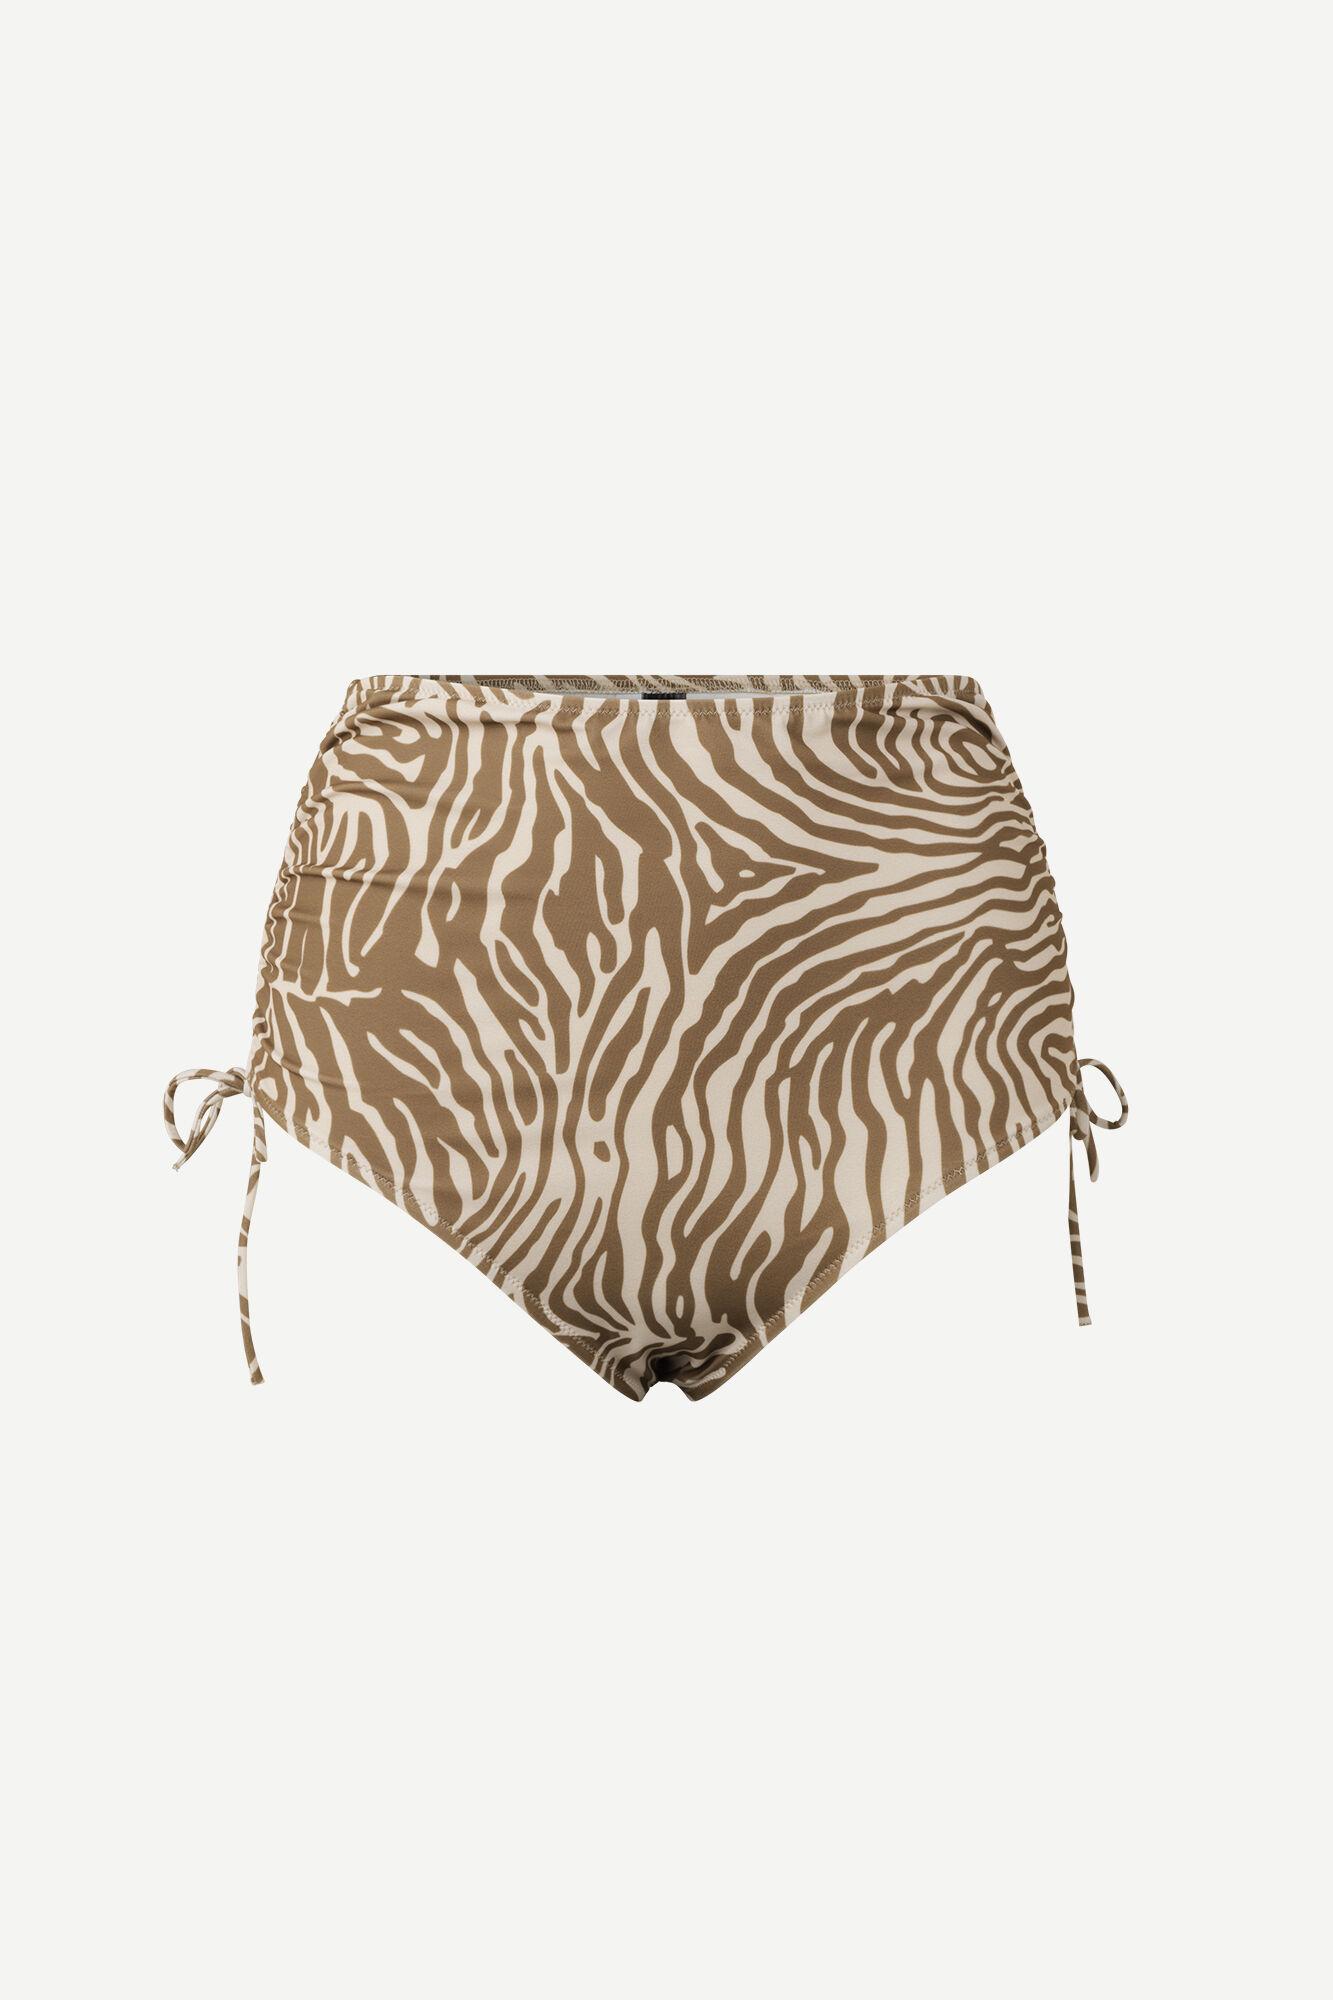 Gytea bikini bottom aop 10725, MOUNTAIN ZEBRA